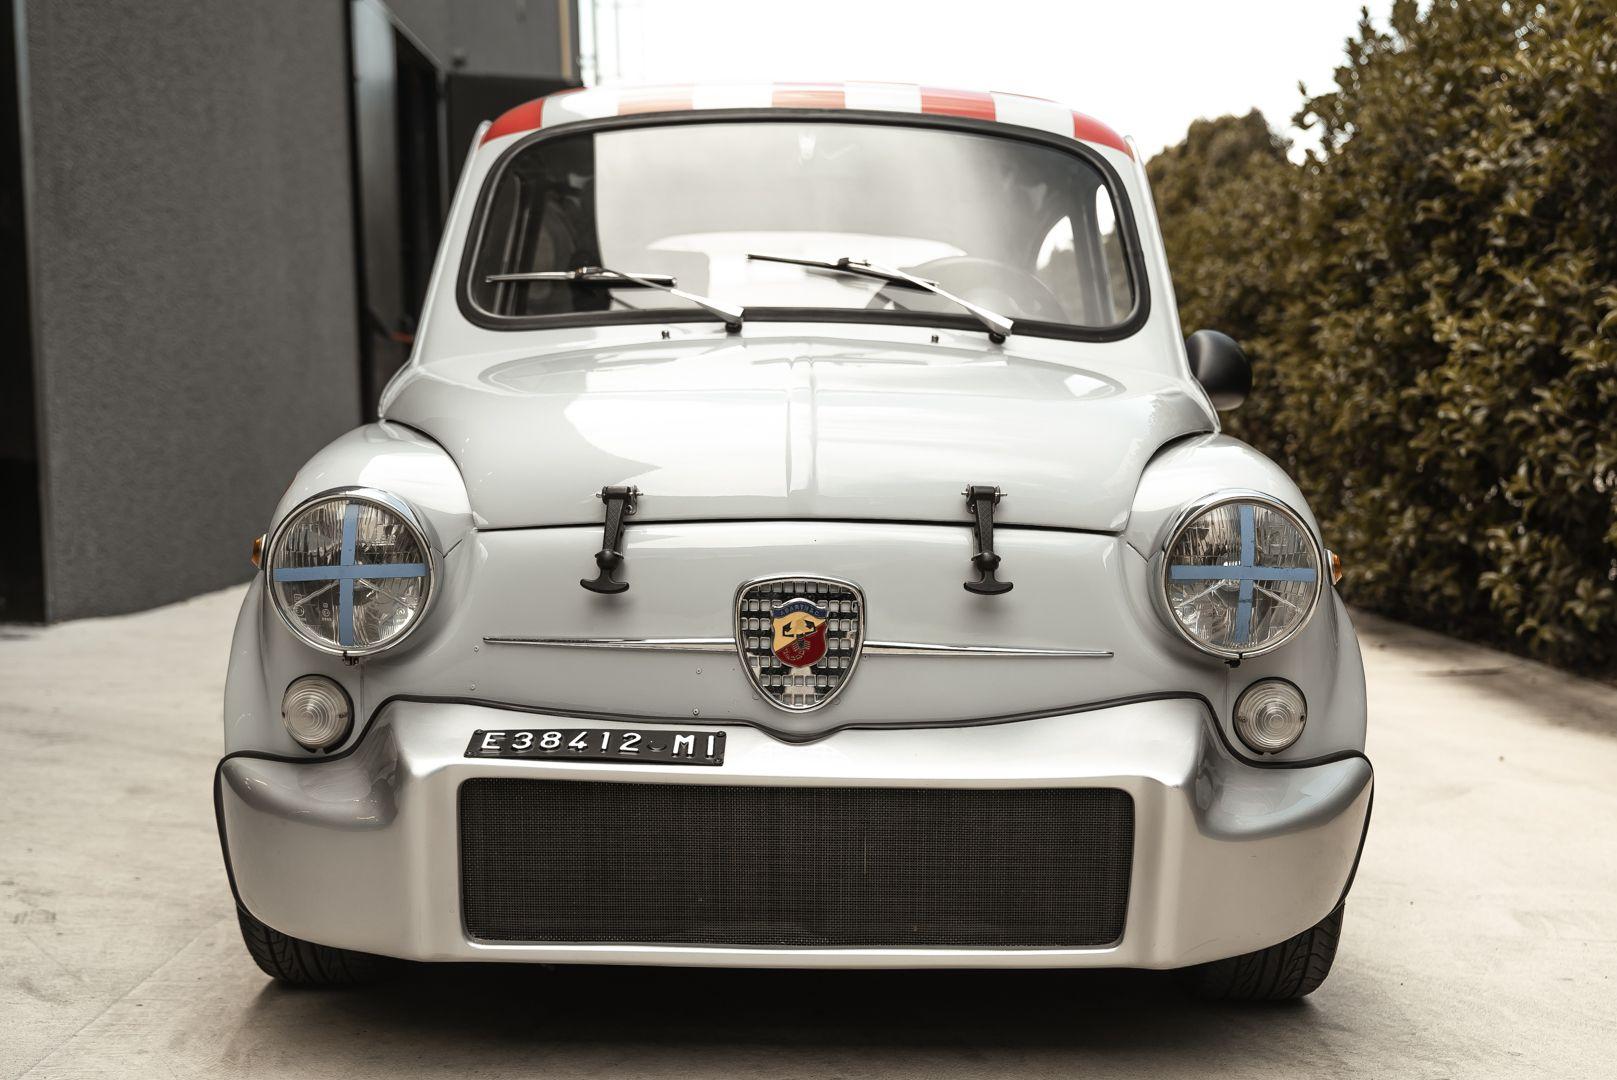 1967 Fiat 600 D Abarth Replica 80454